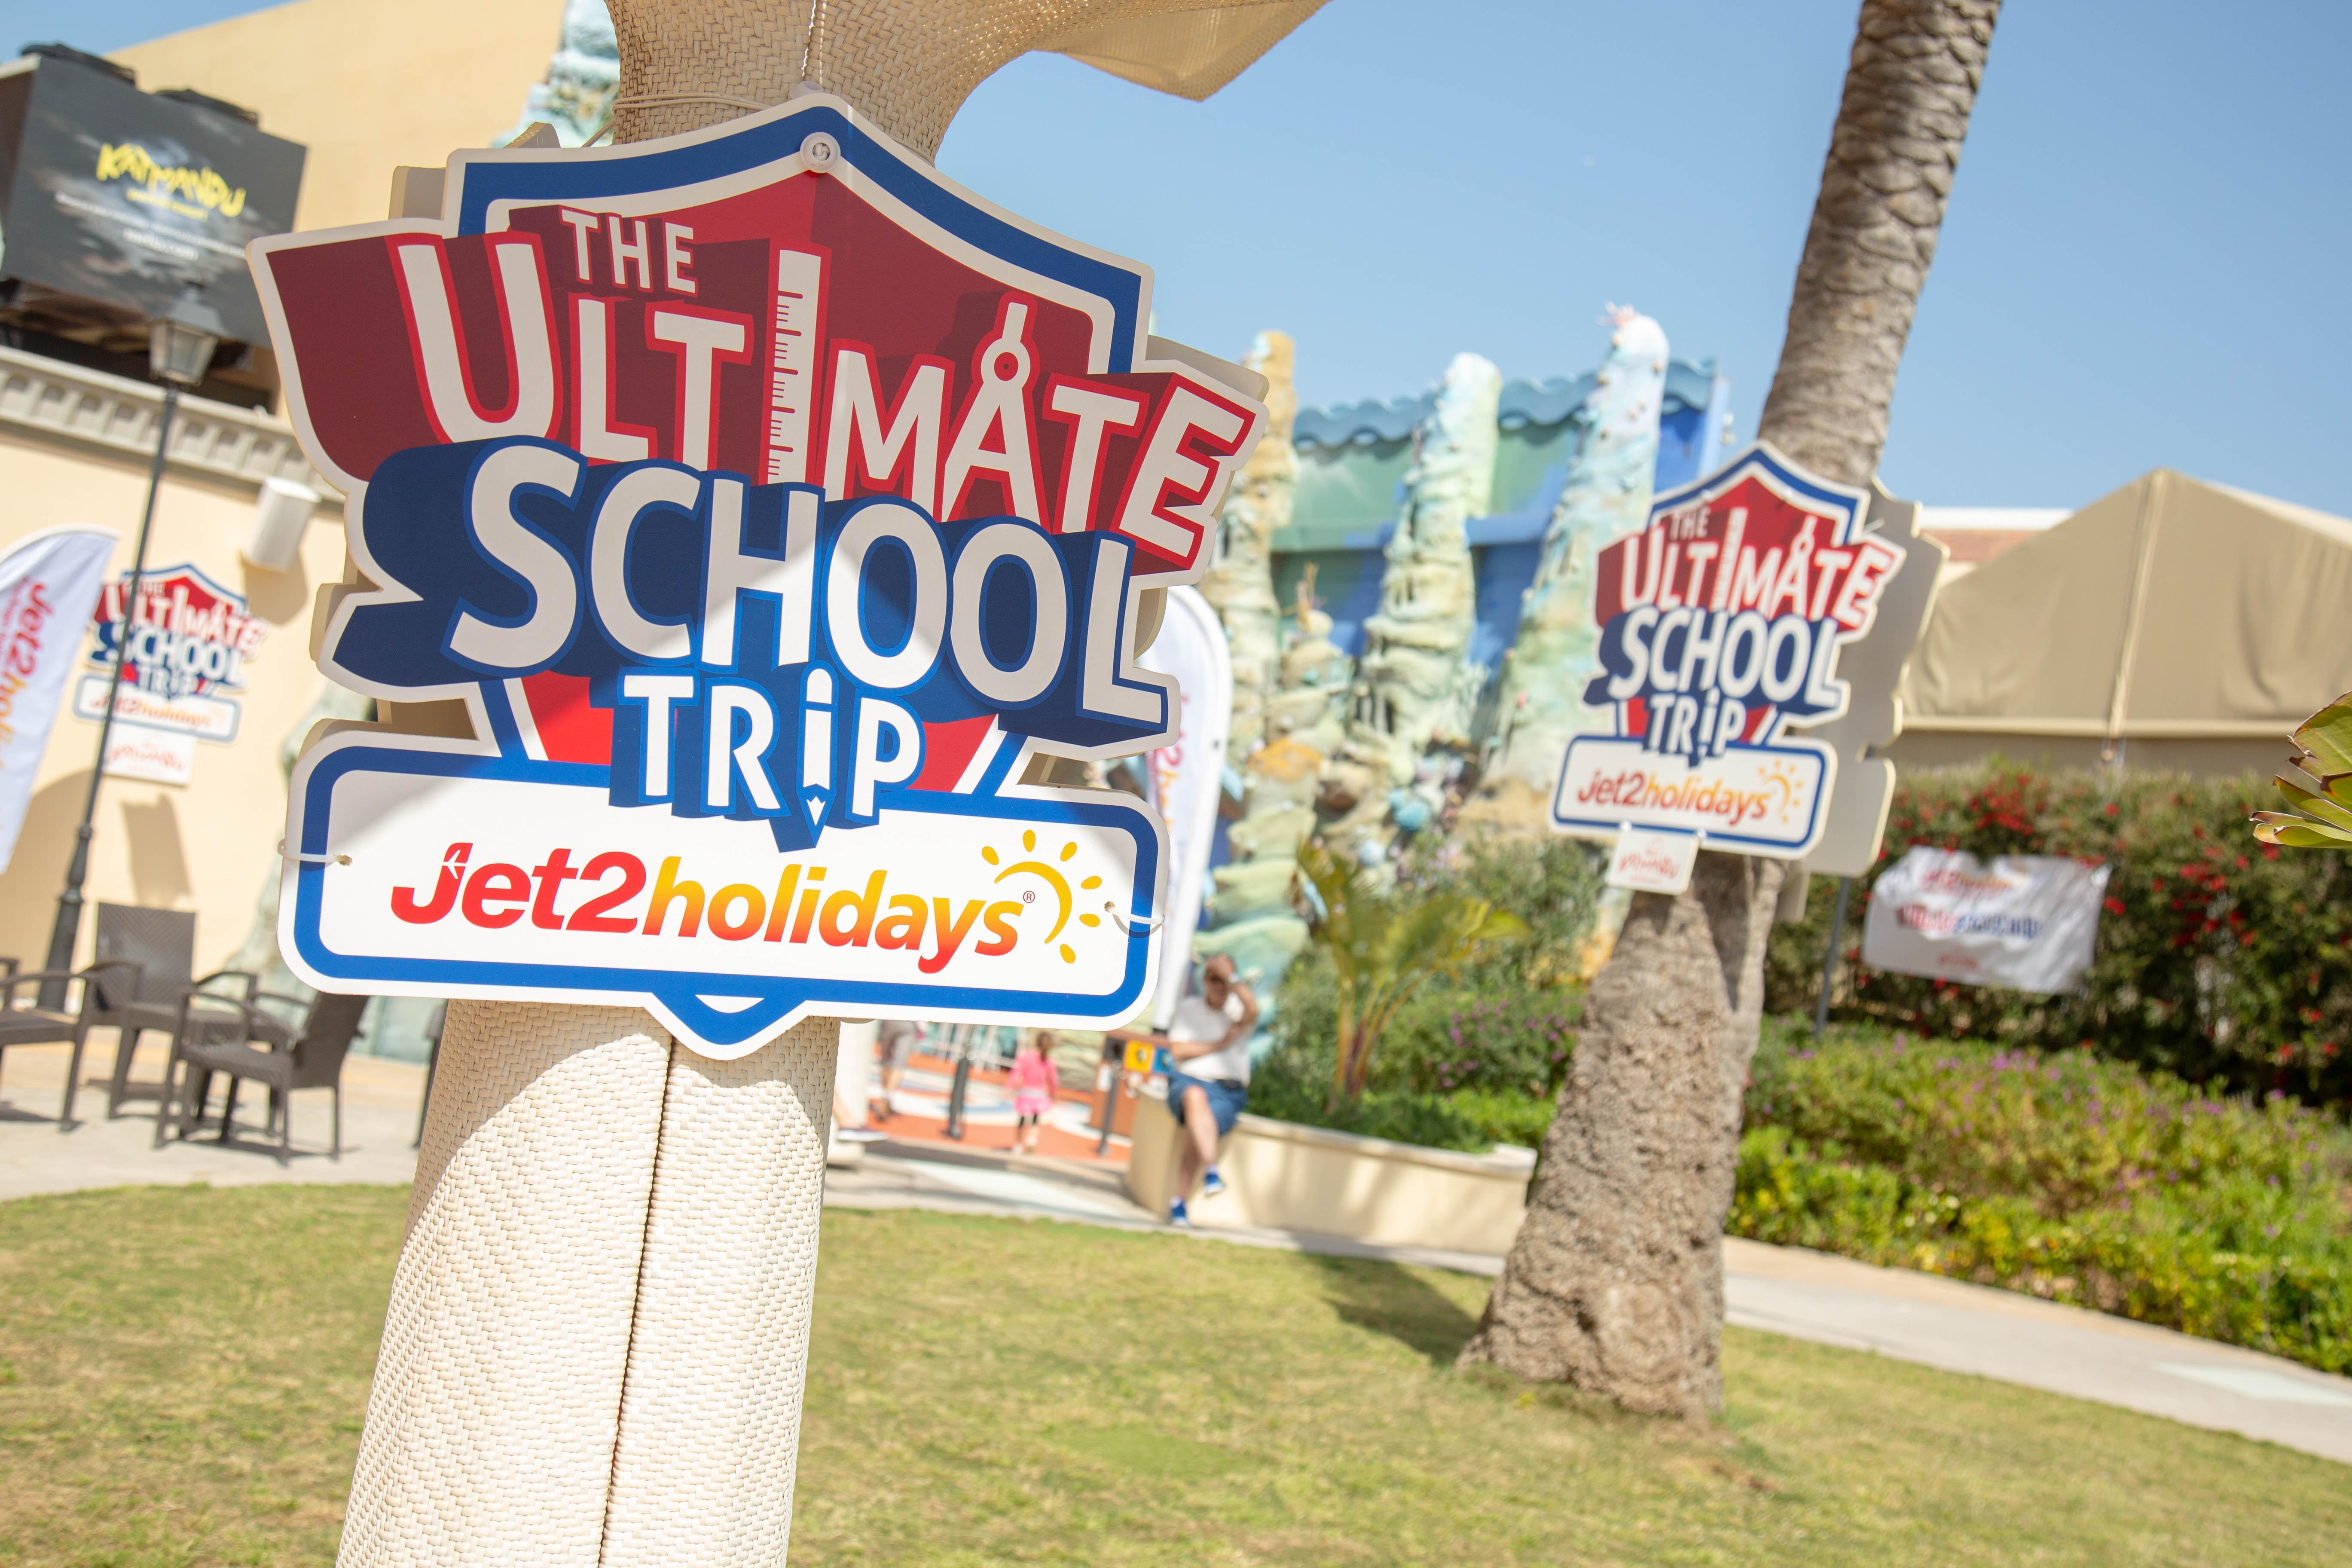 Ultimate School Trip #5